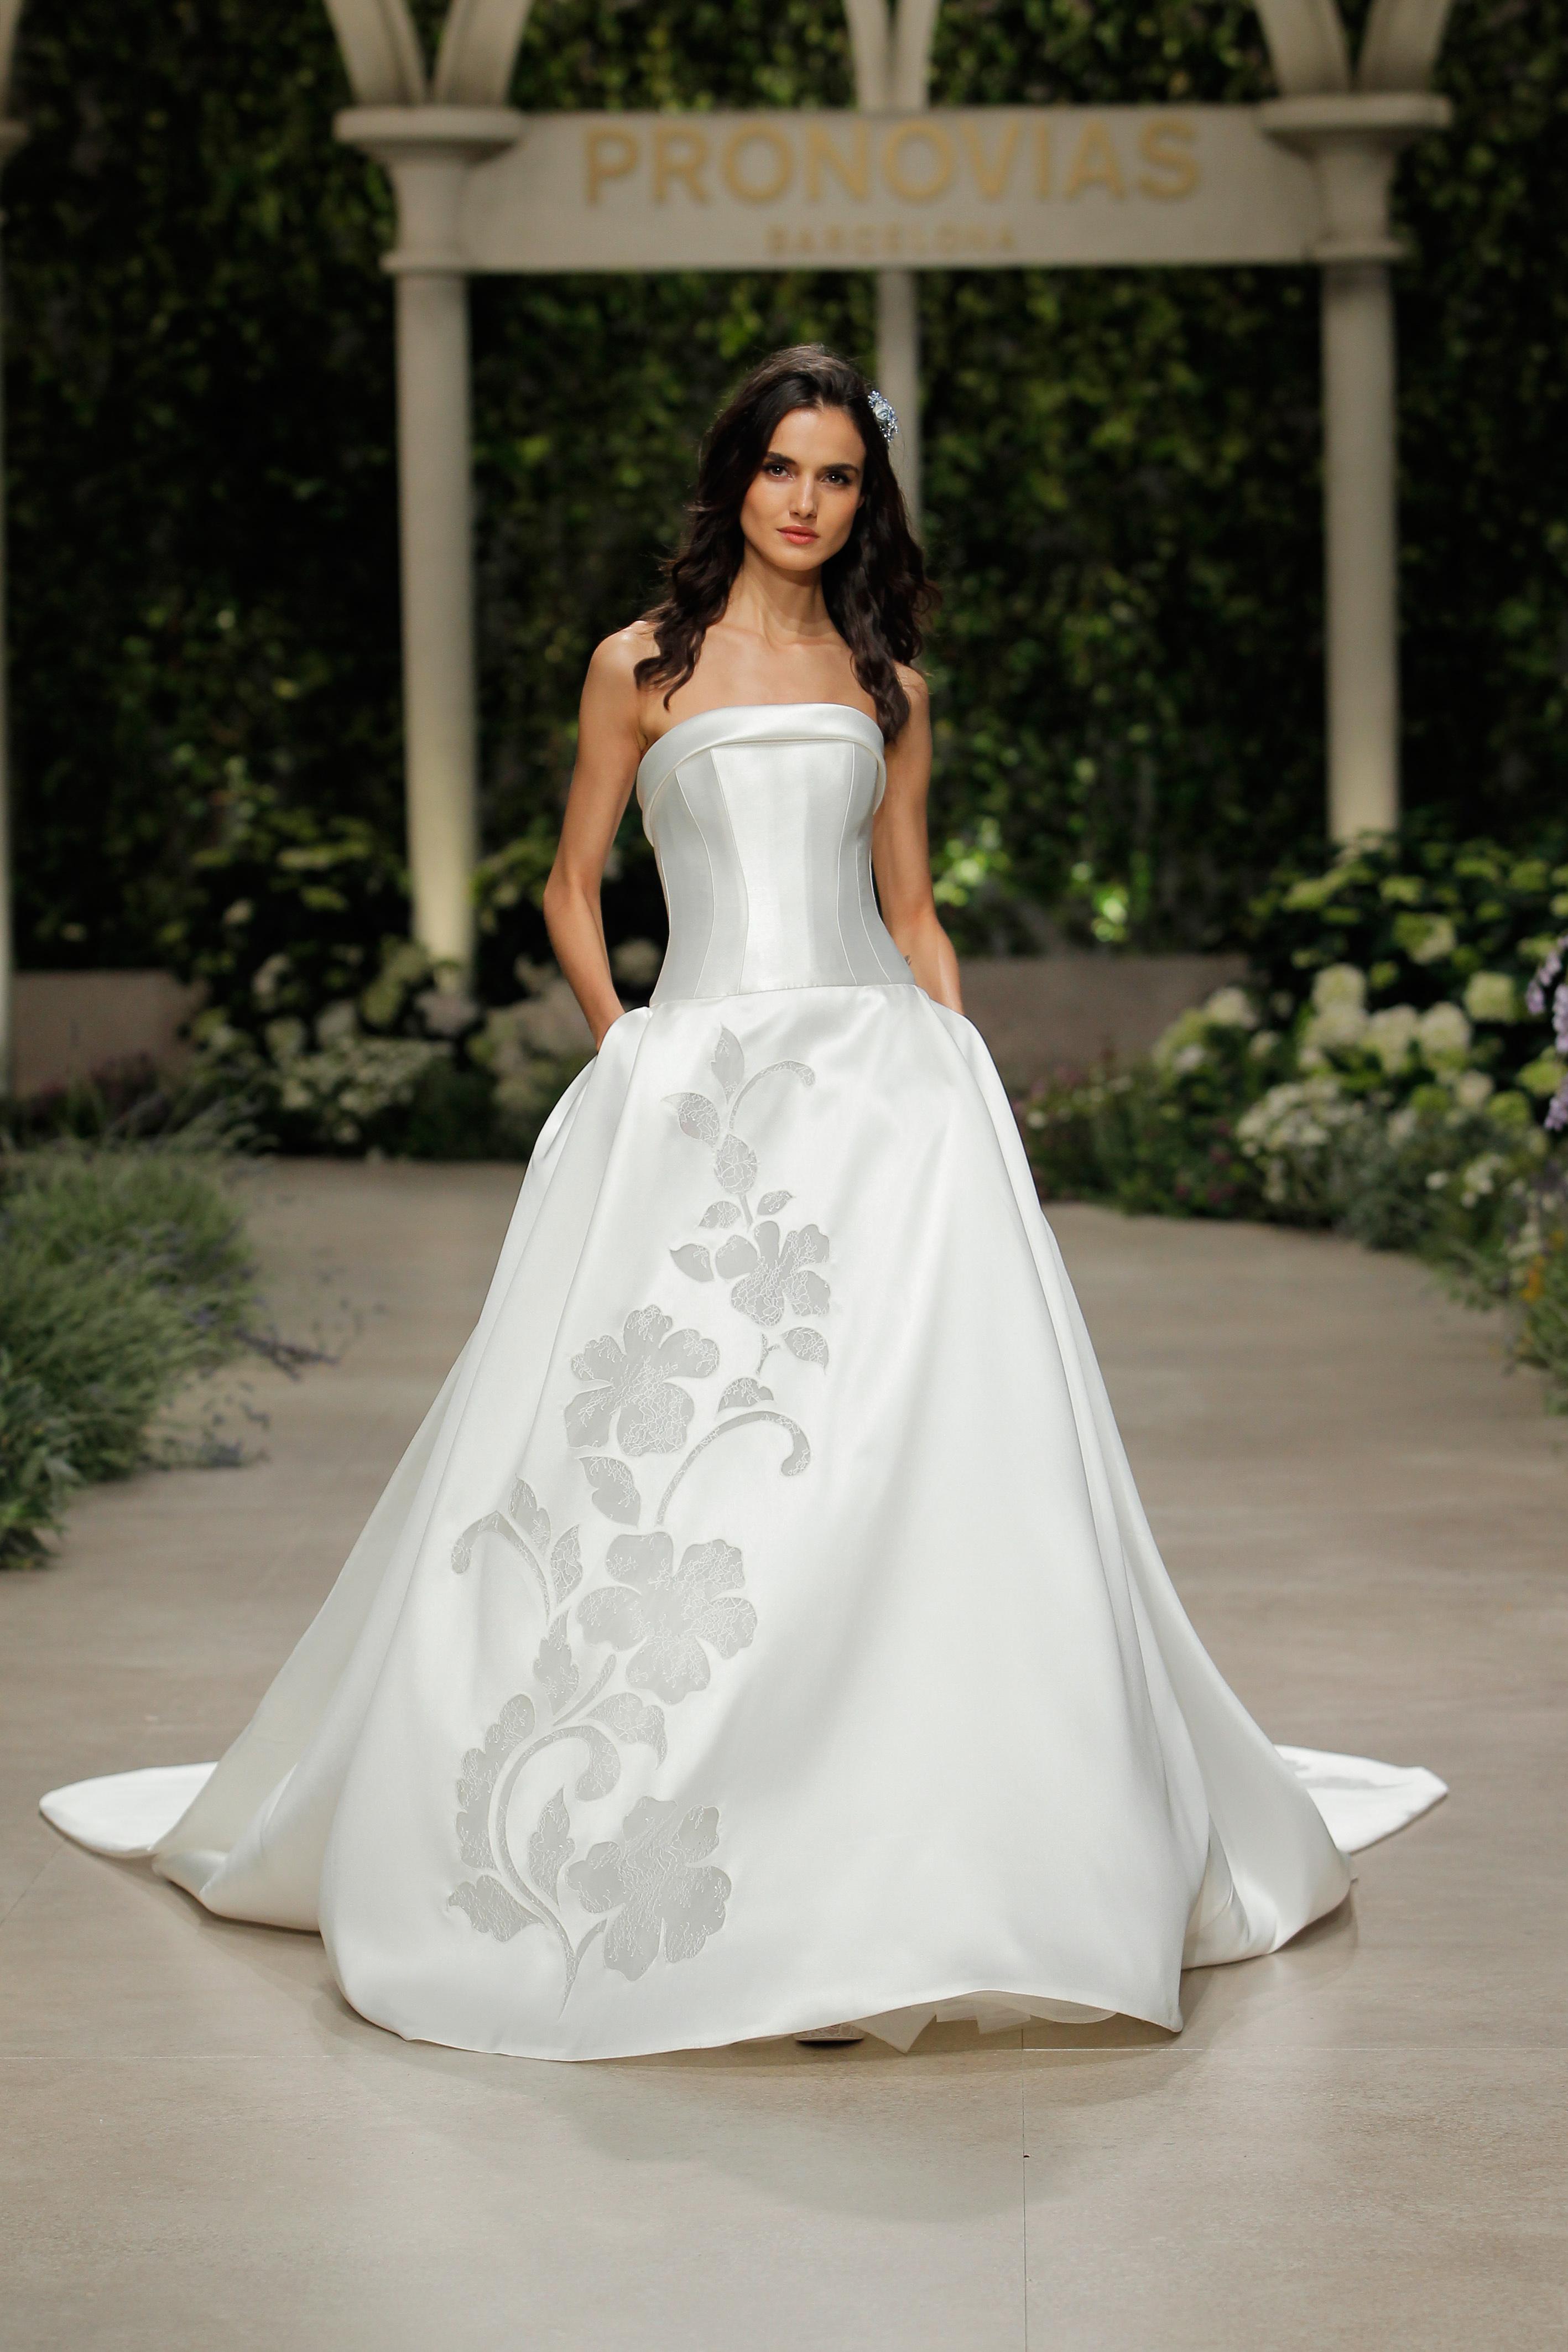 pronovias wedding dress spring 2019 ballgown sleeveless